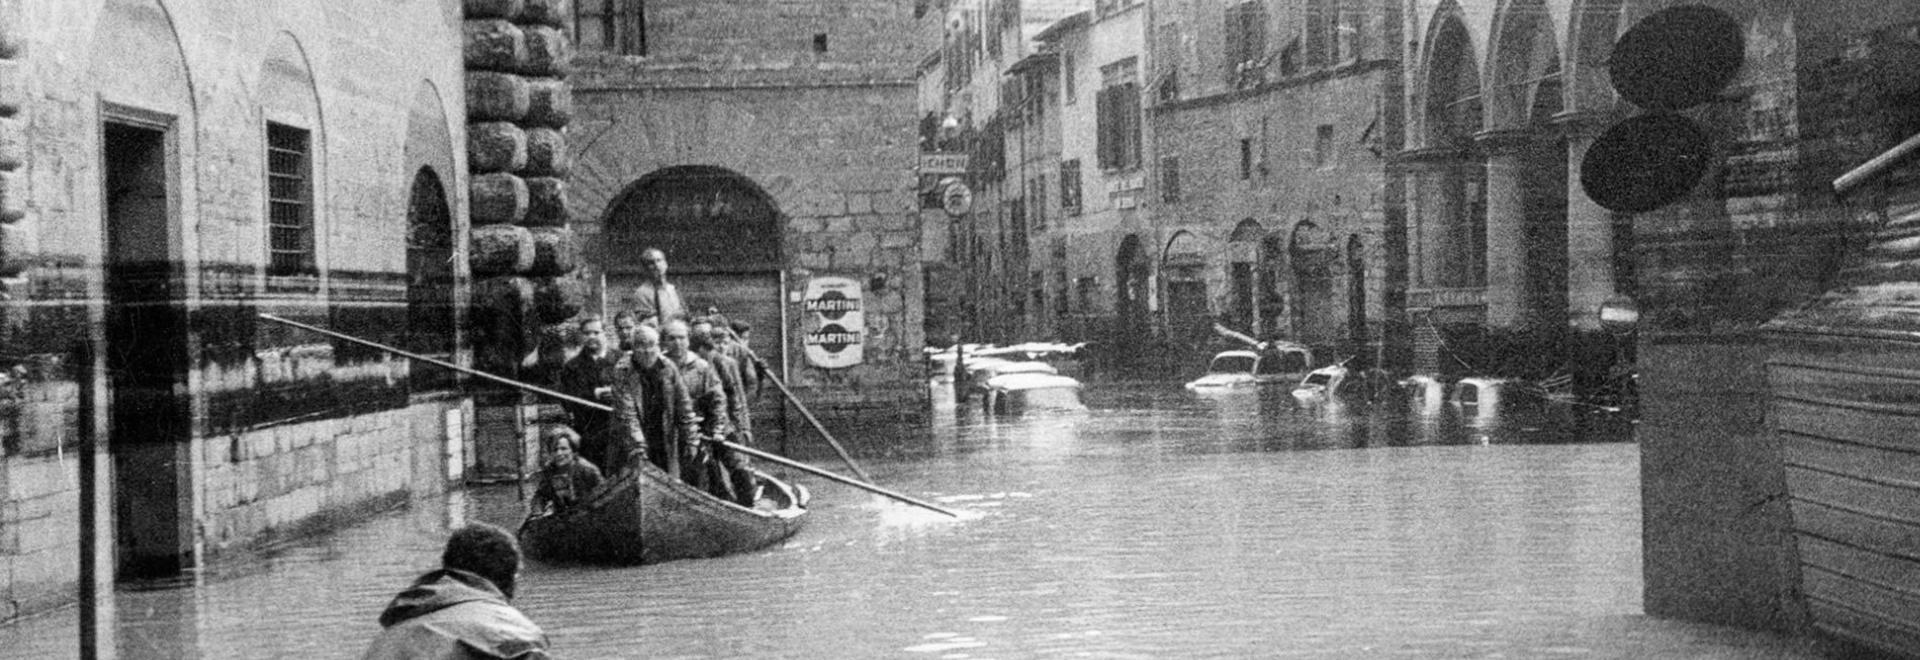 Firenze '66 - Dopo l'alluvione